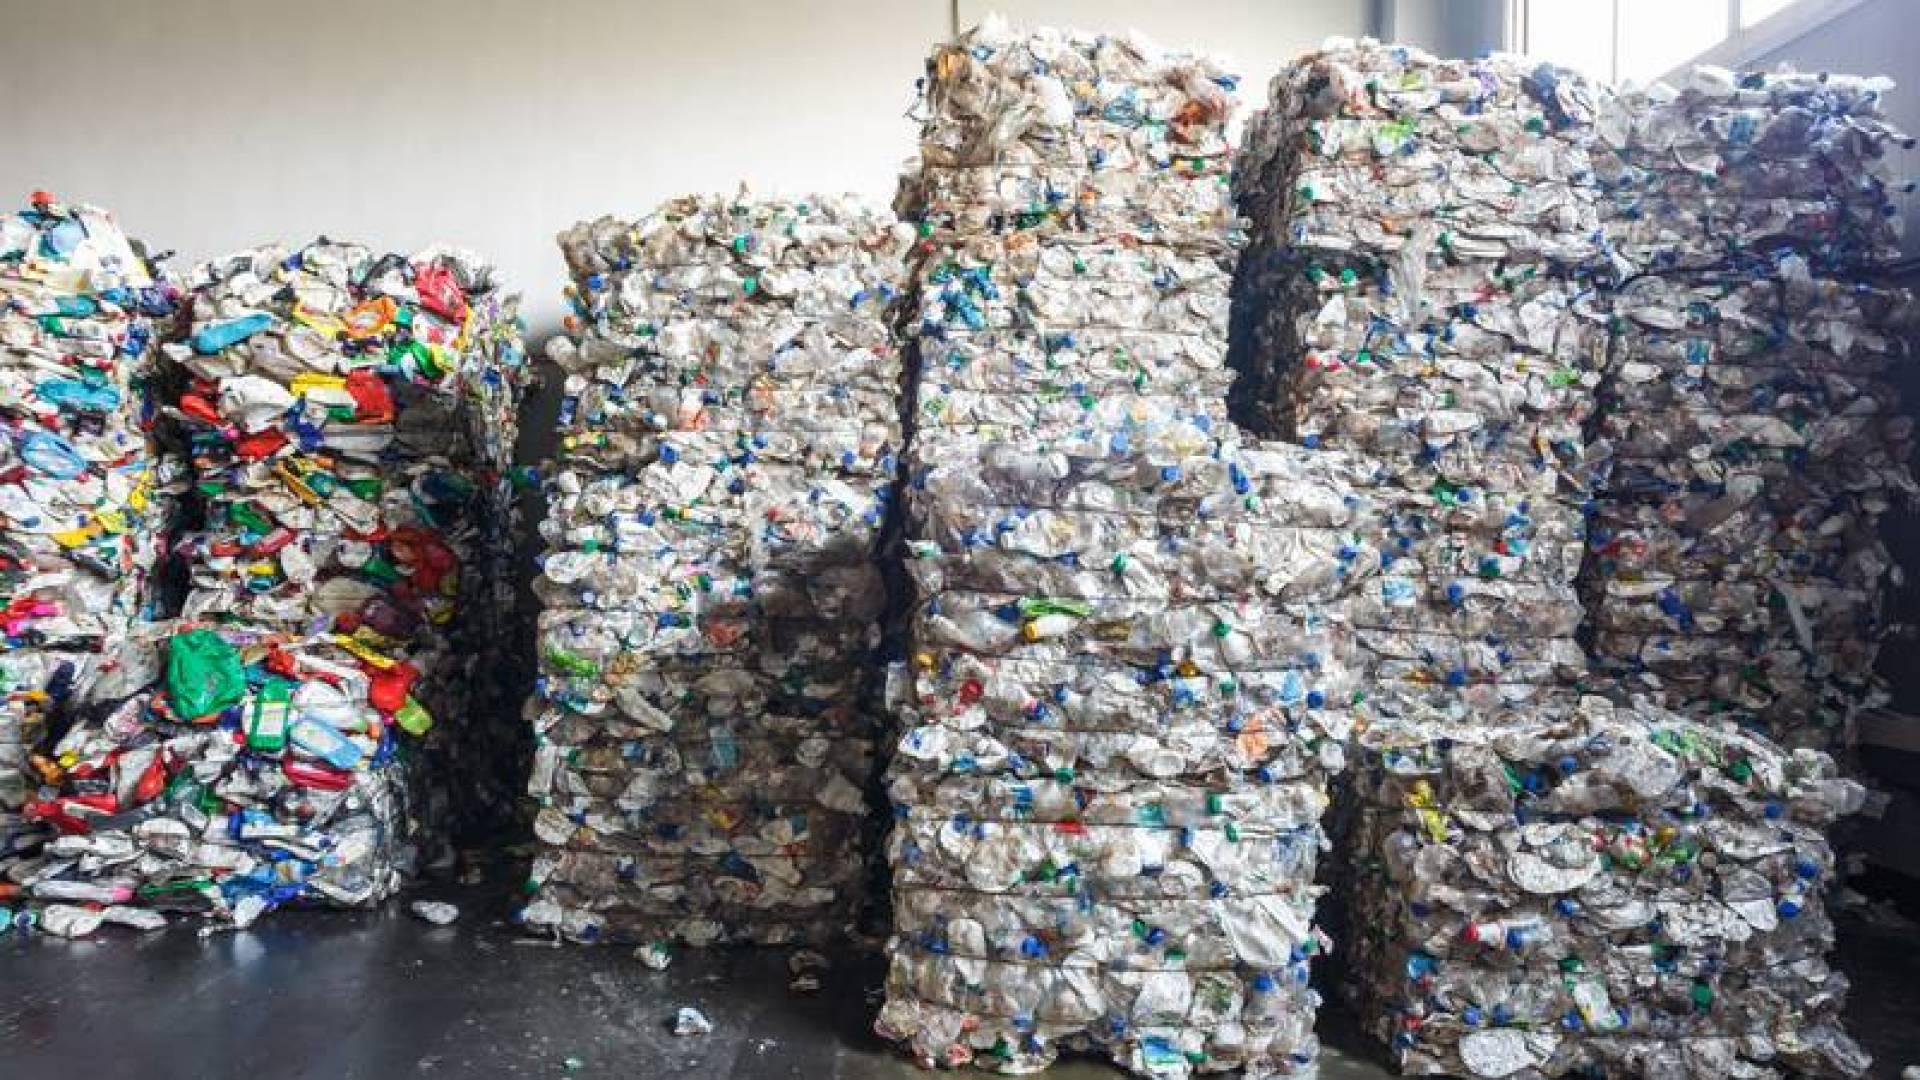 الصندوق الوطني للمشروعات الصغيرة: حظر تمويل نشاط الصناعات البلاستيكية